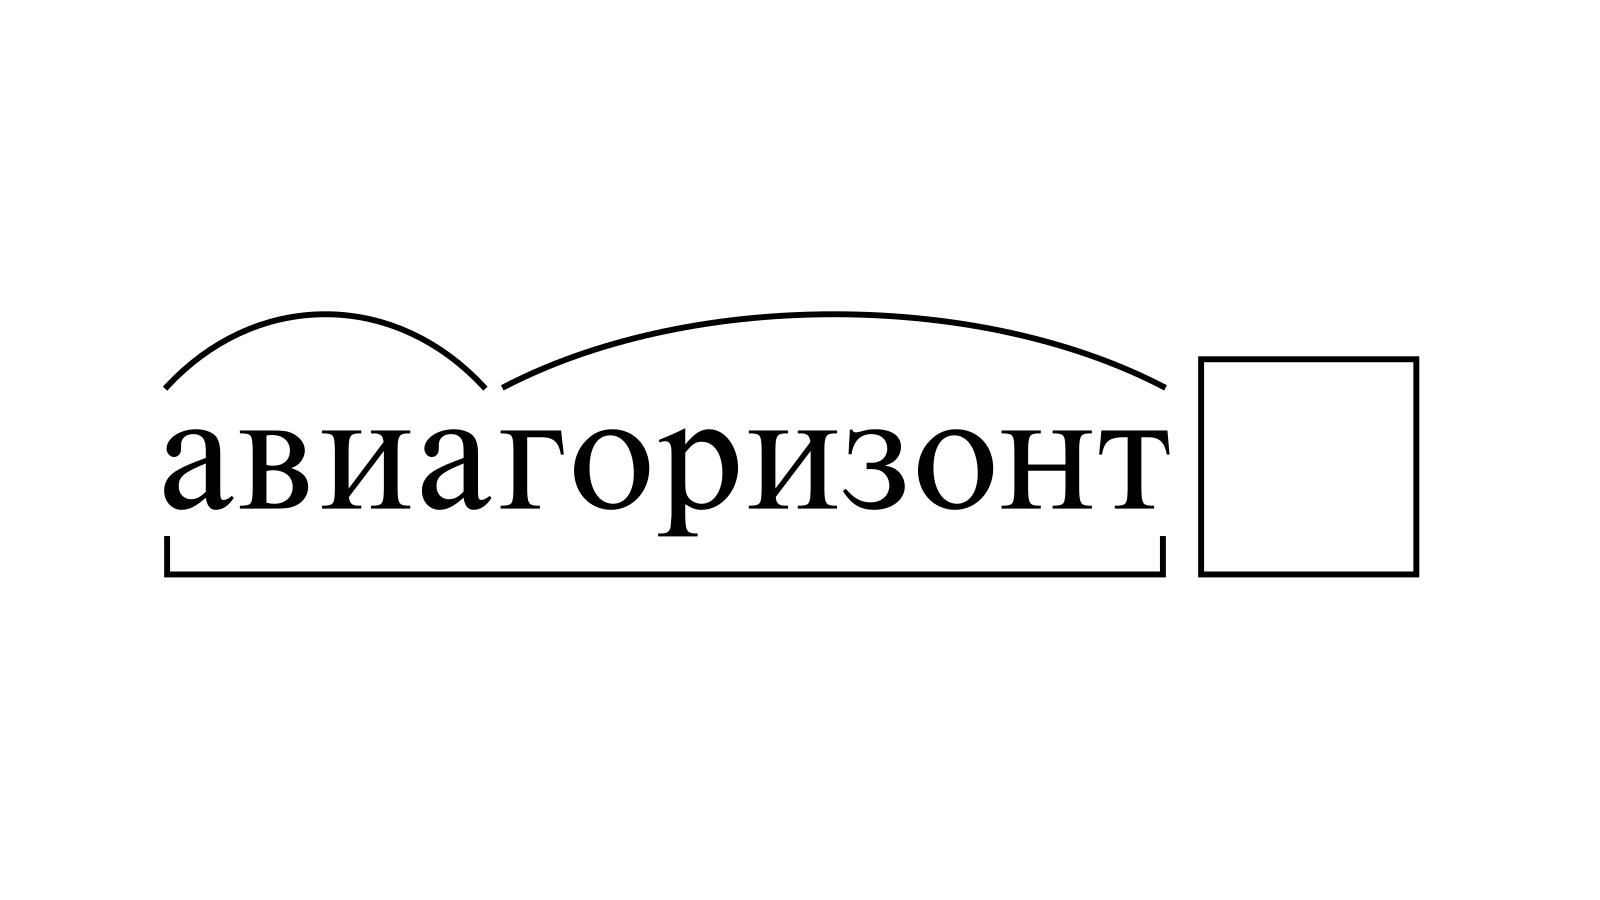 Разбор слова «авиагоризонт» по составу